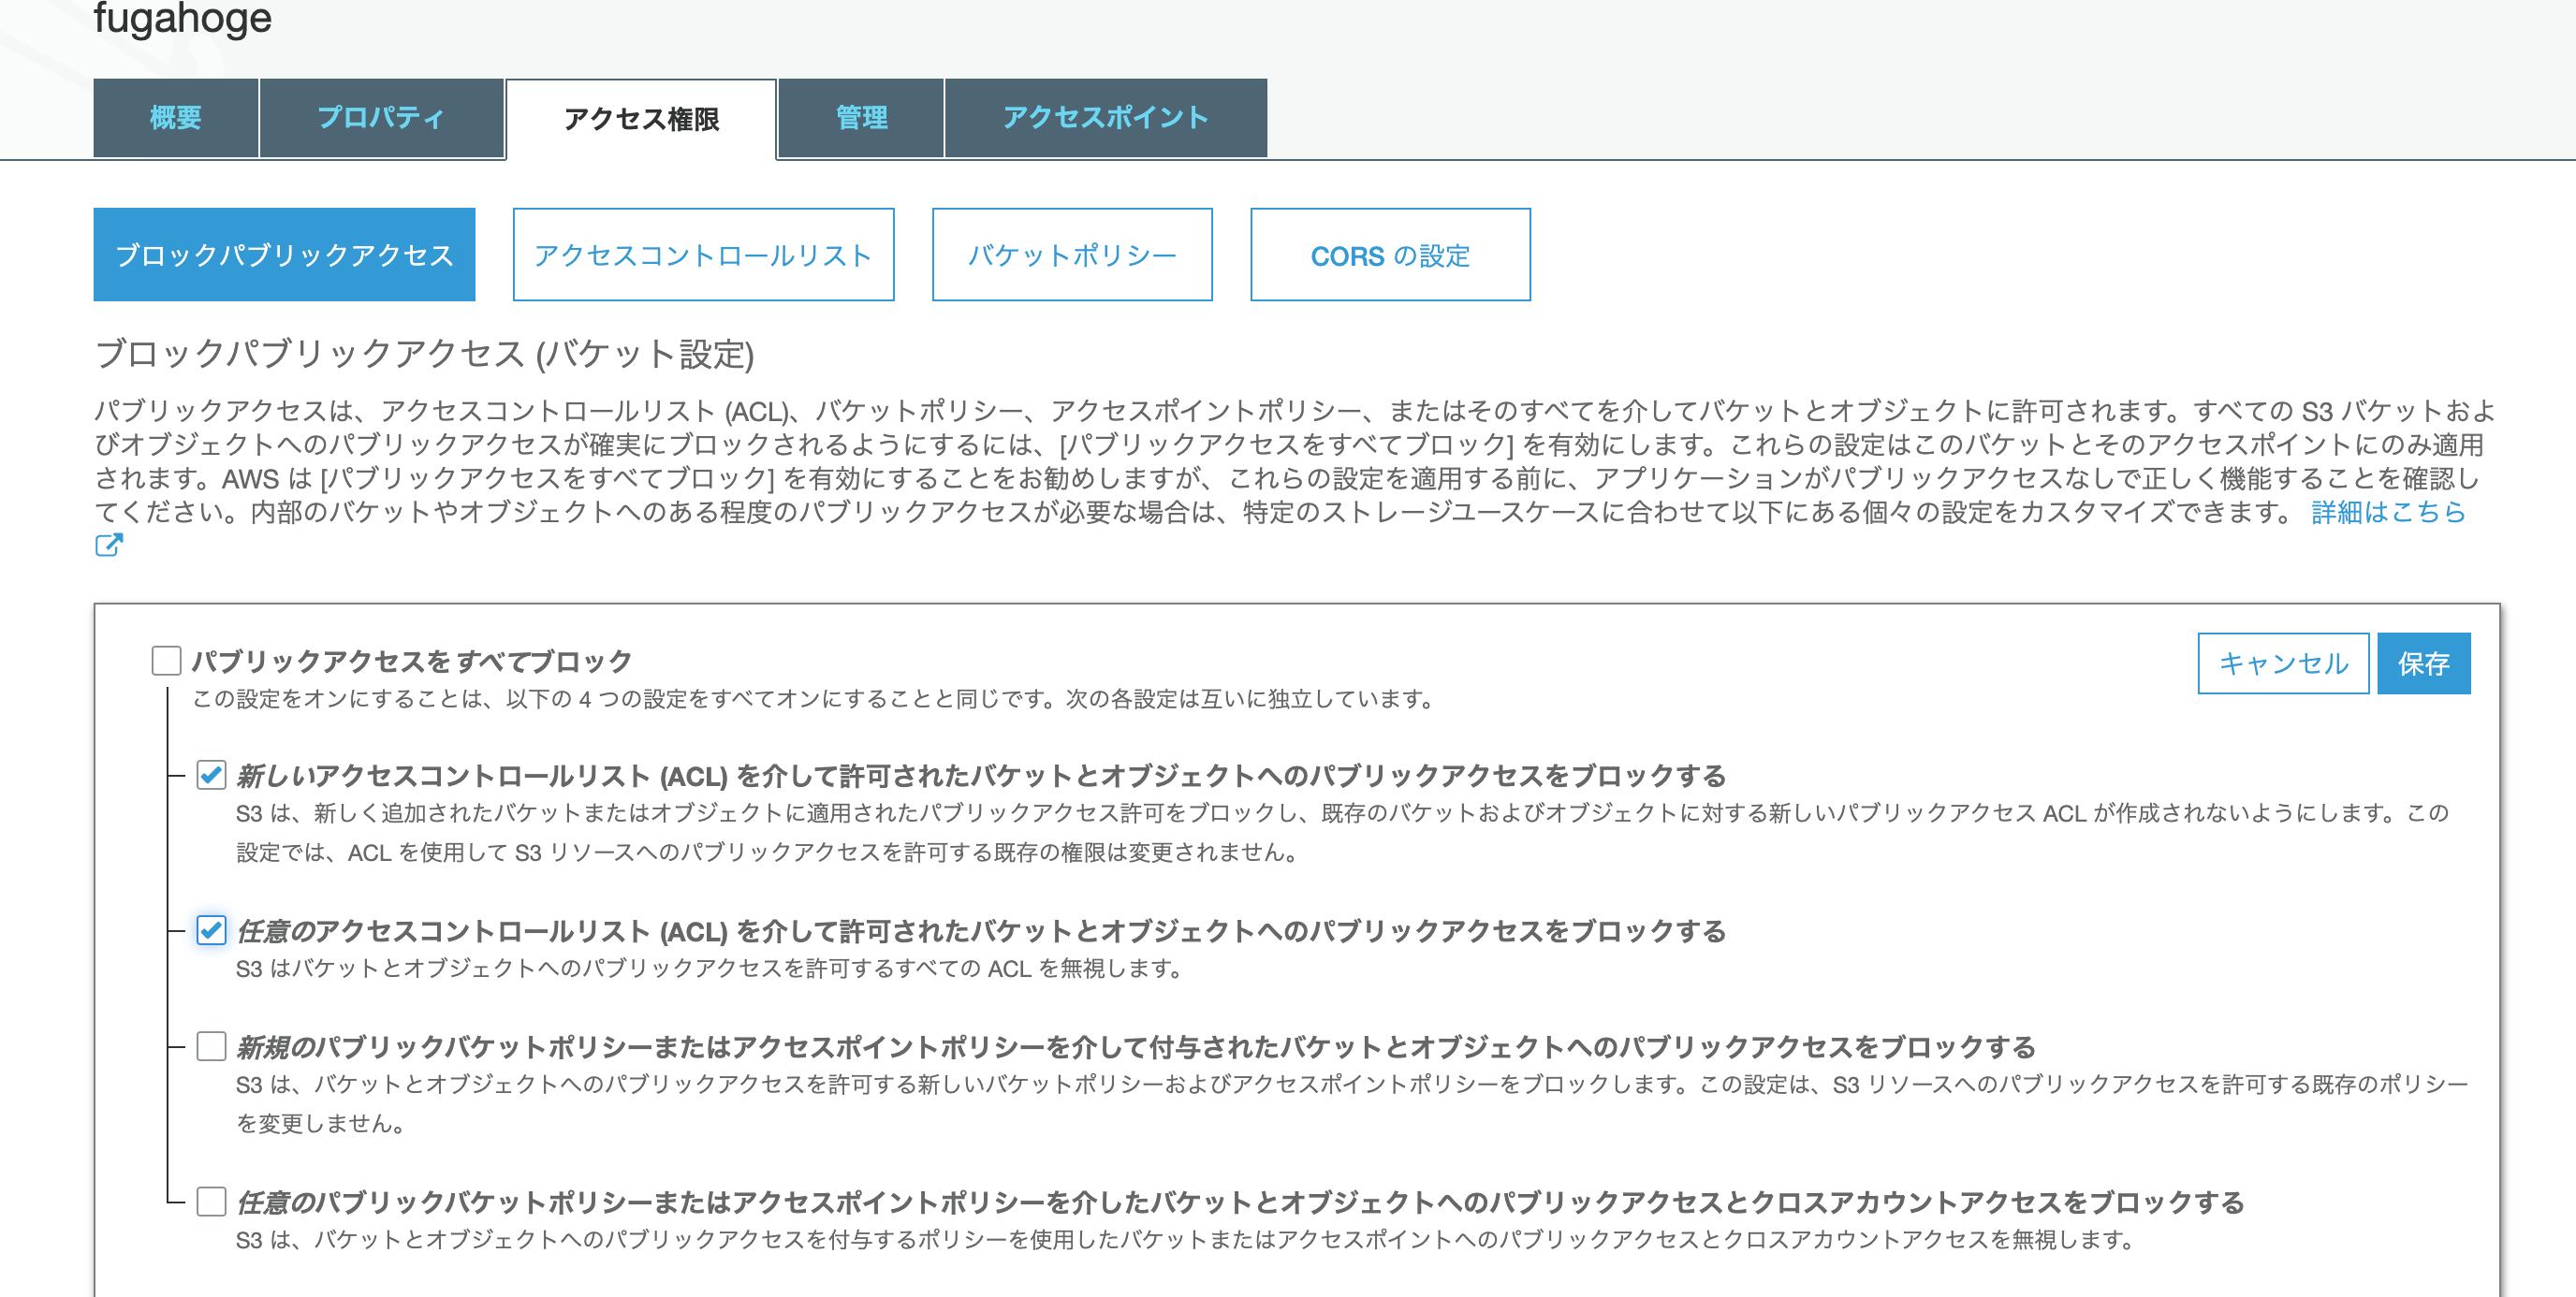 スクリーンショット 2020-01-14 12.31.52.png